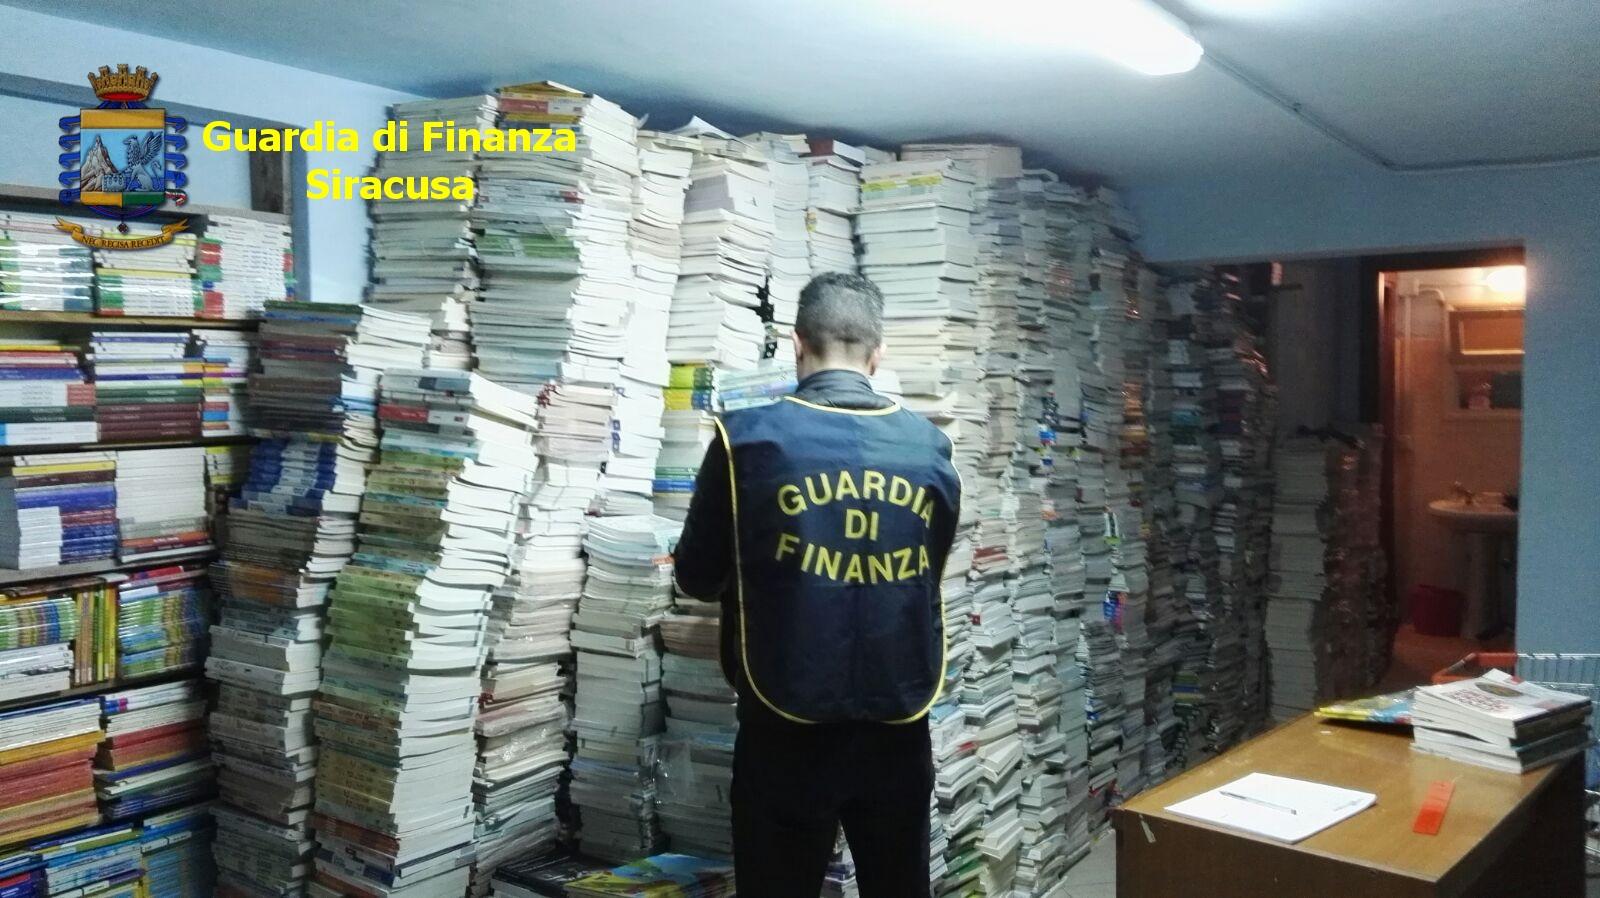 Testi scolastici illegali in libreria di Augusta: scatta sequestro della Gdf